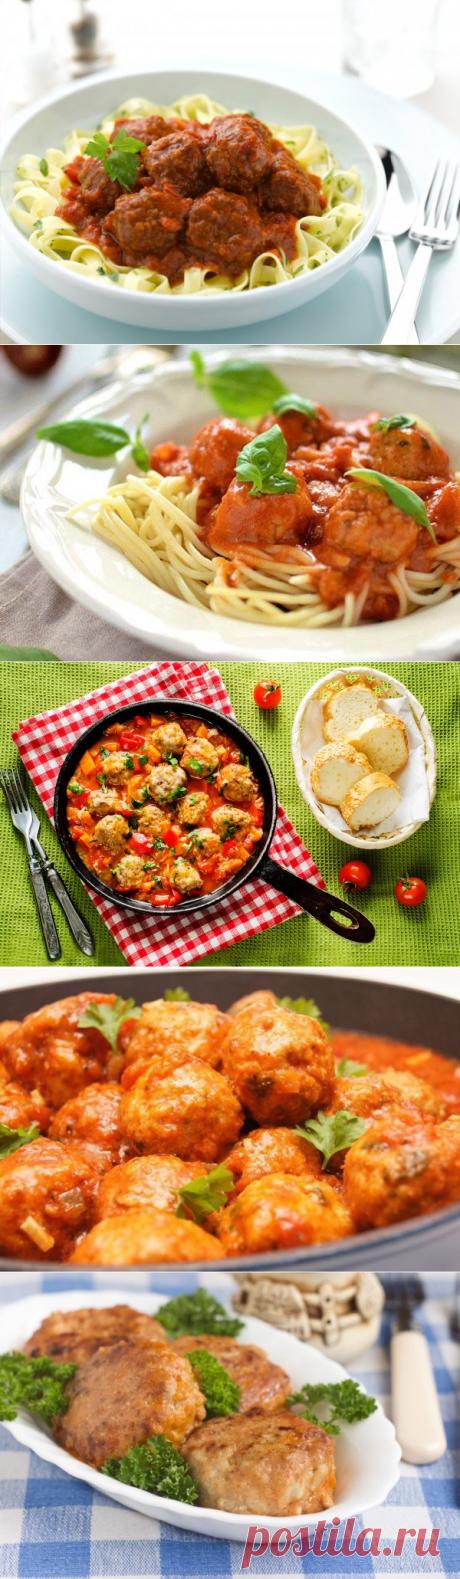 Тефтели с рисом в томатном соусе – ТОП 5 рецептов с фото